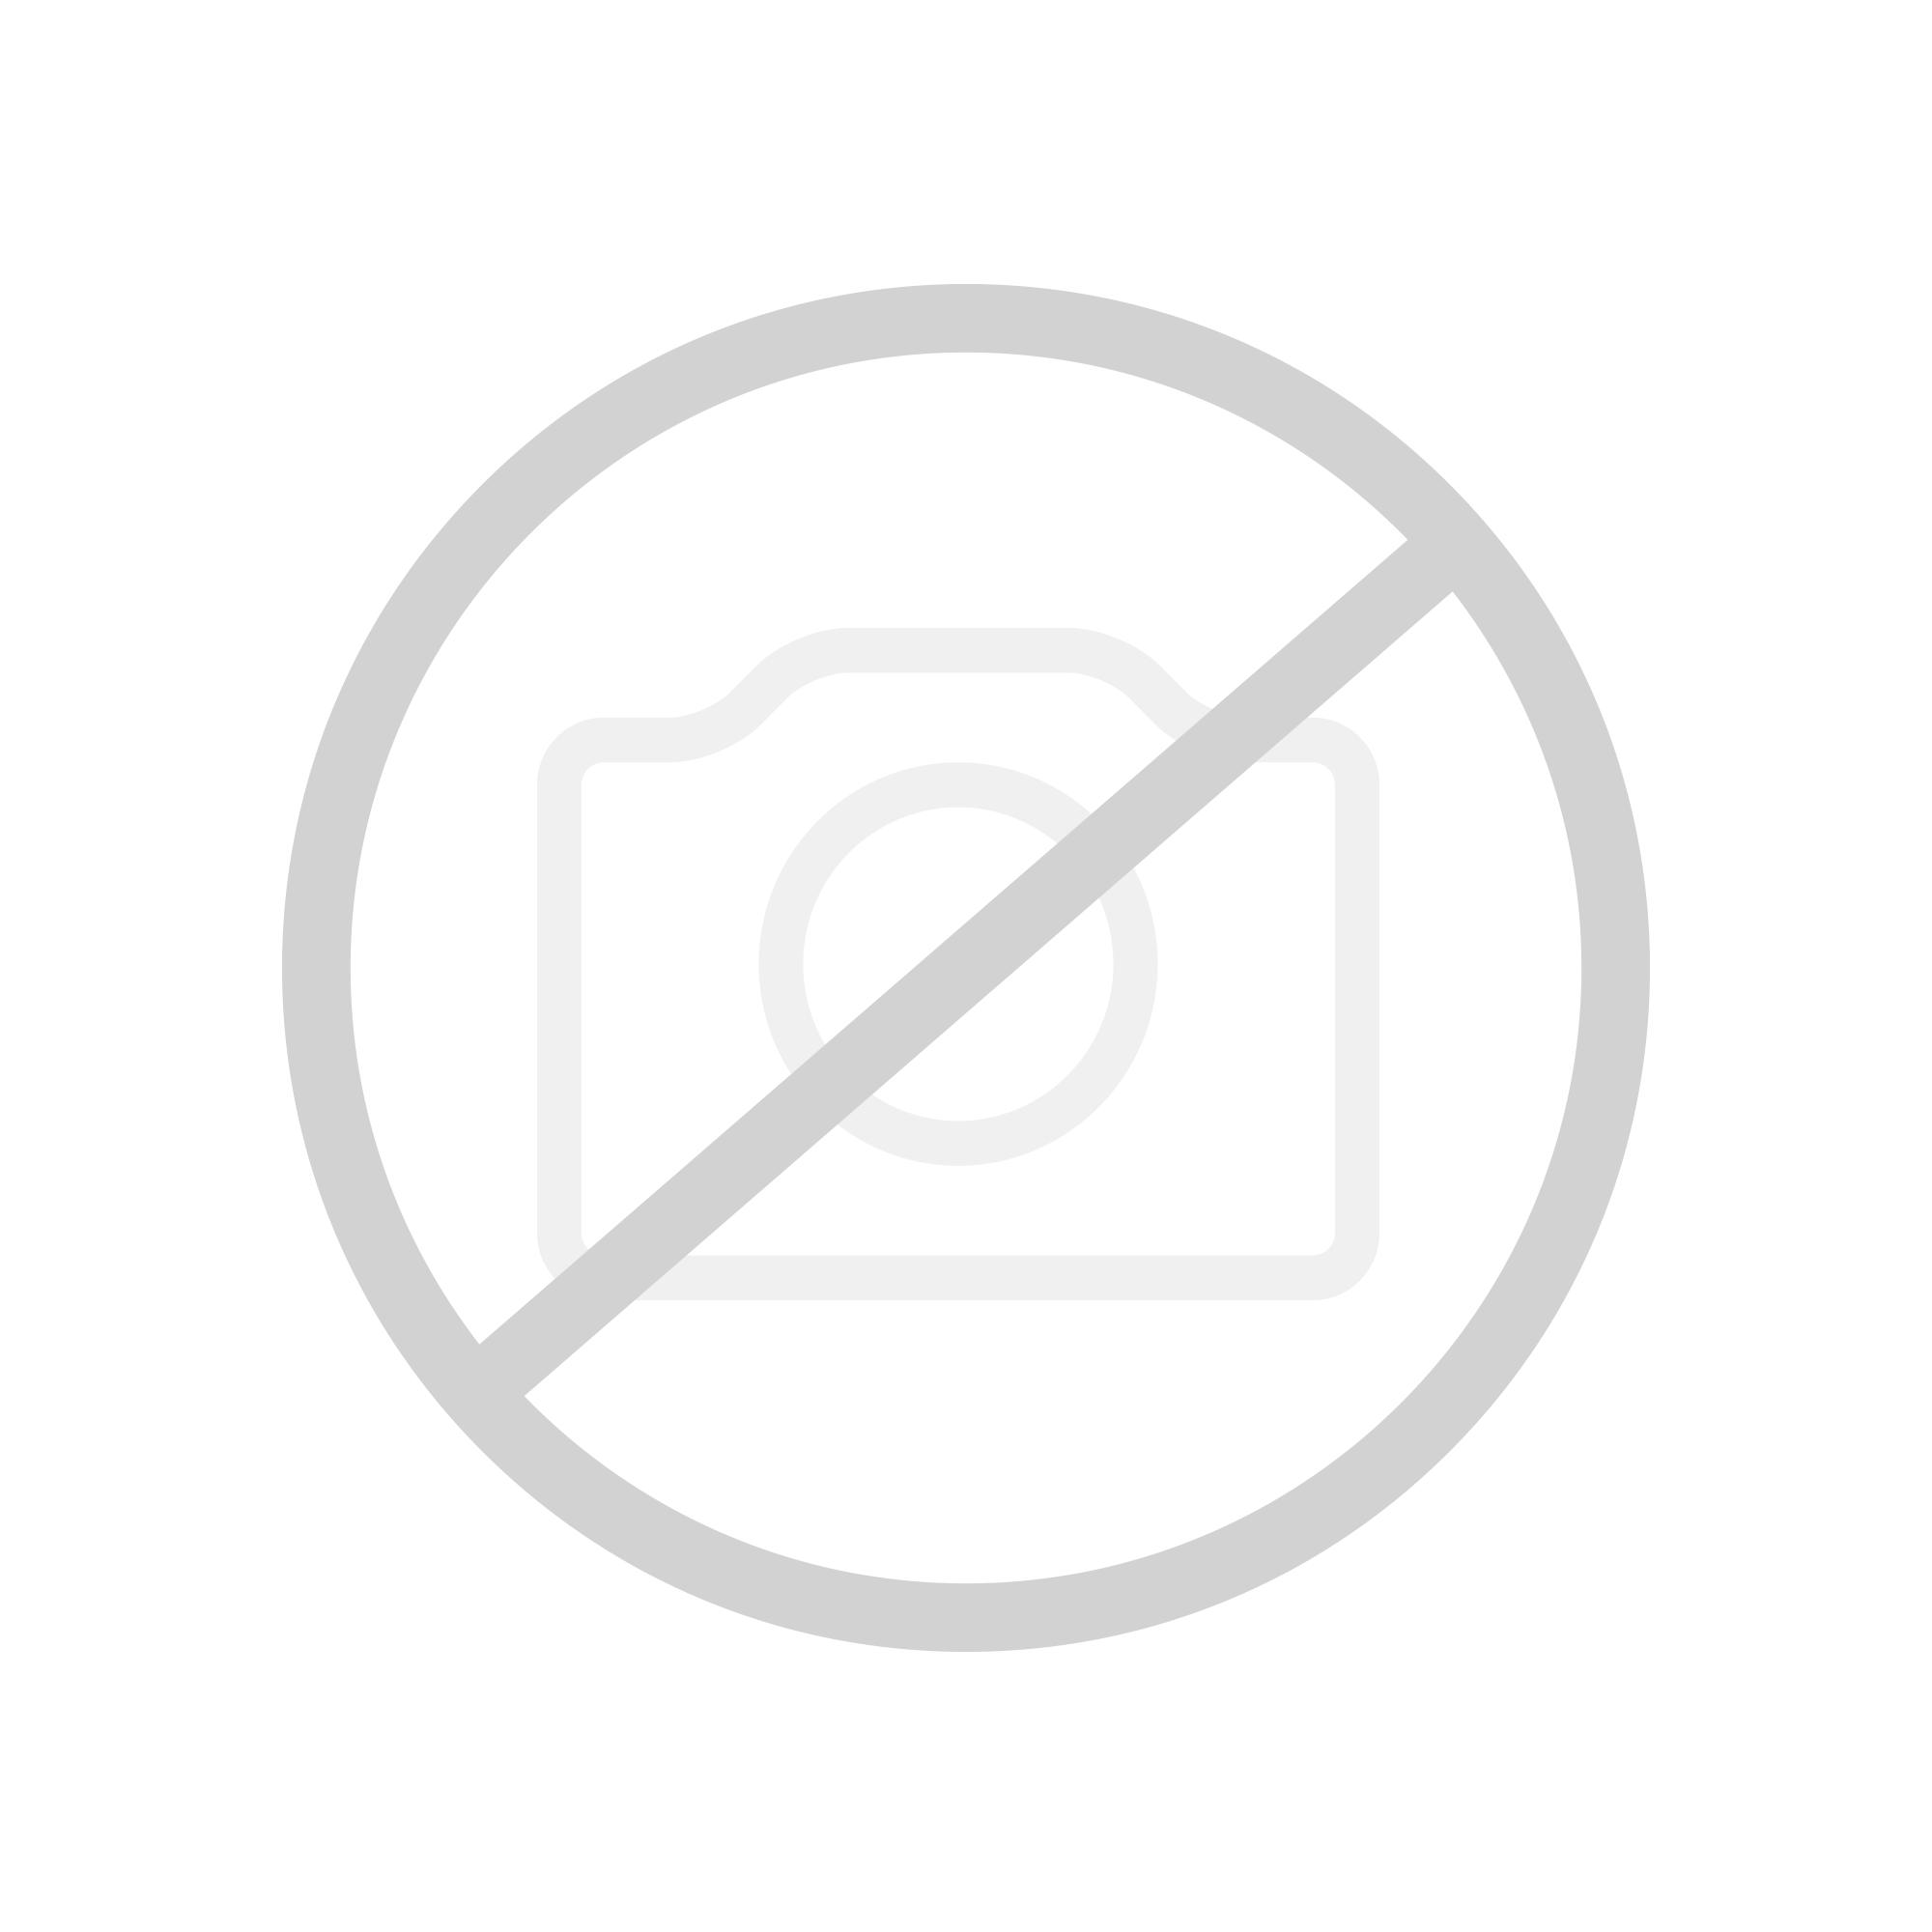 dornbracht tara waschtisch wandbatterie ausladung 160 mm schwarz matt 36707892 33 reuter. Black Bedroom Furniture Sets. Home Design Ideas